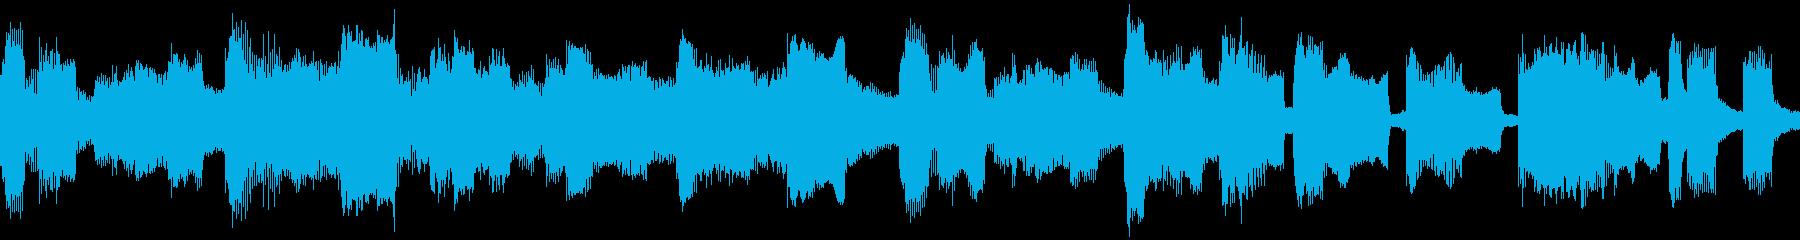 コミカルでのん気なキャラ・場所向けBGMの再生済みの波形